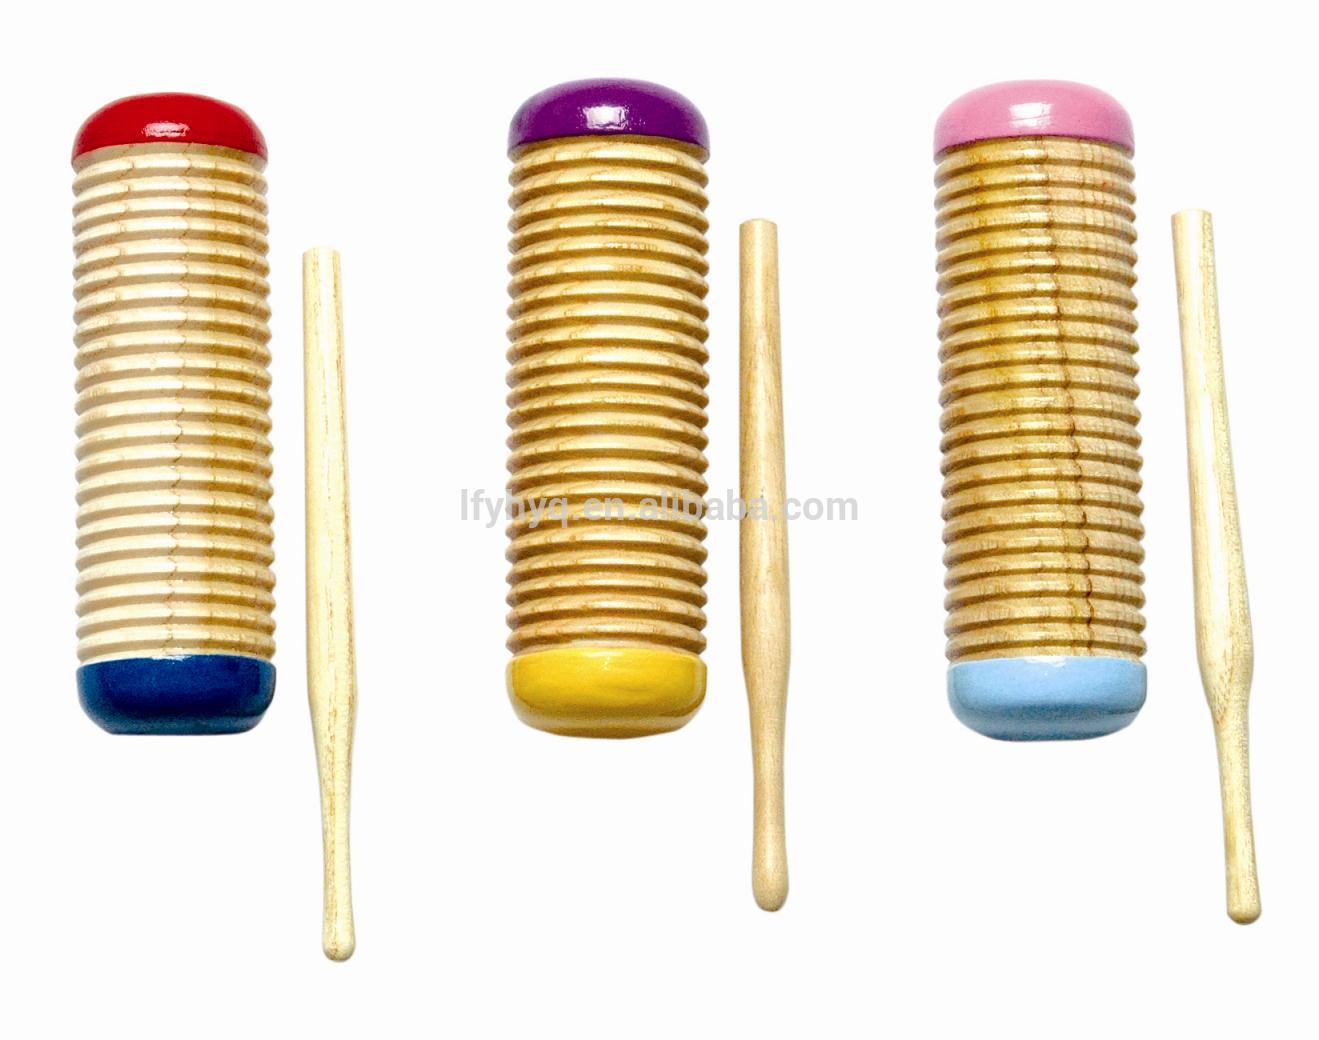 Guiro bois instrument de percussion instrument de musique autres instruments - 100 pics solution instrument de musique ...